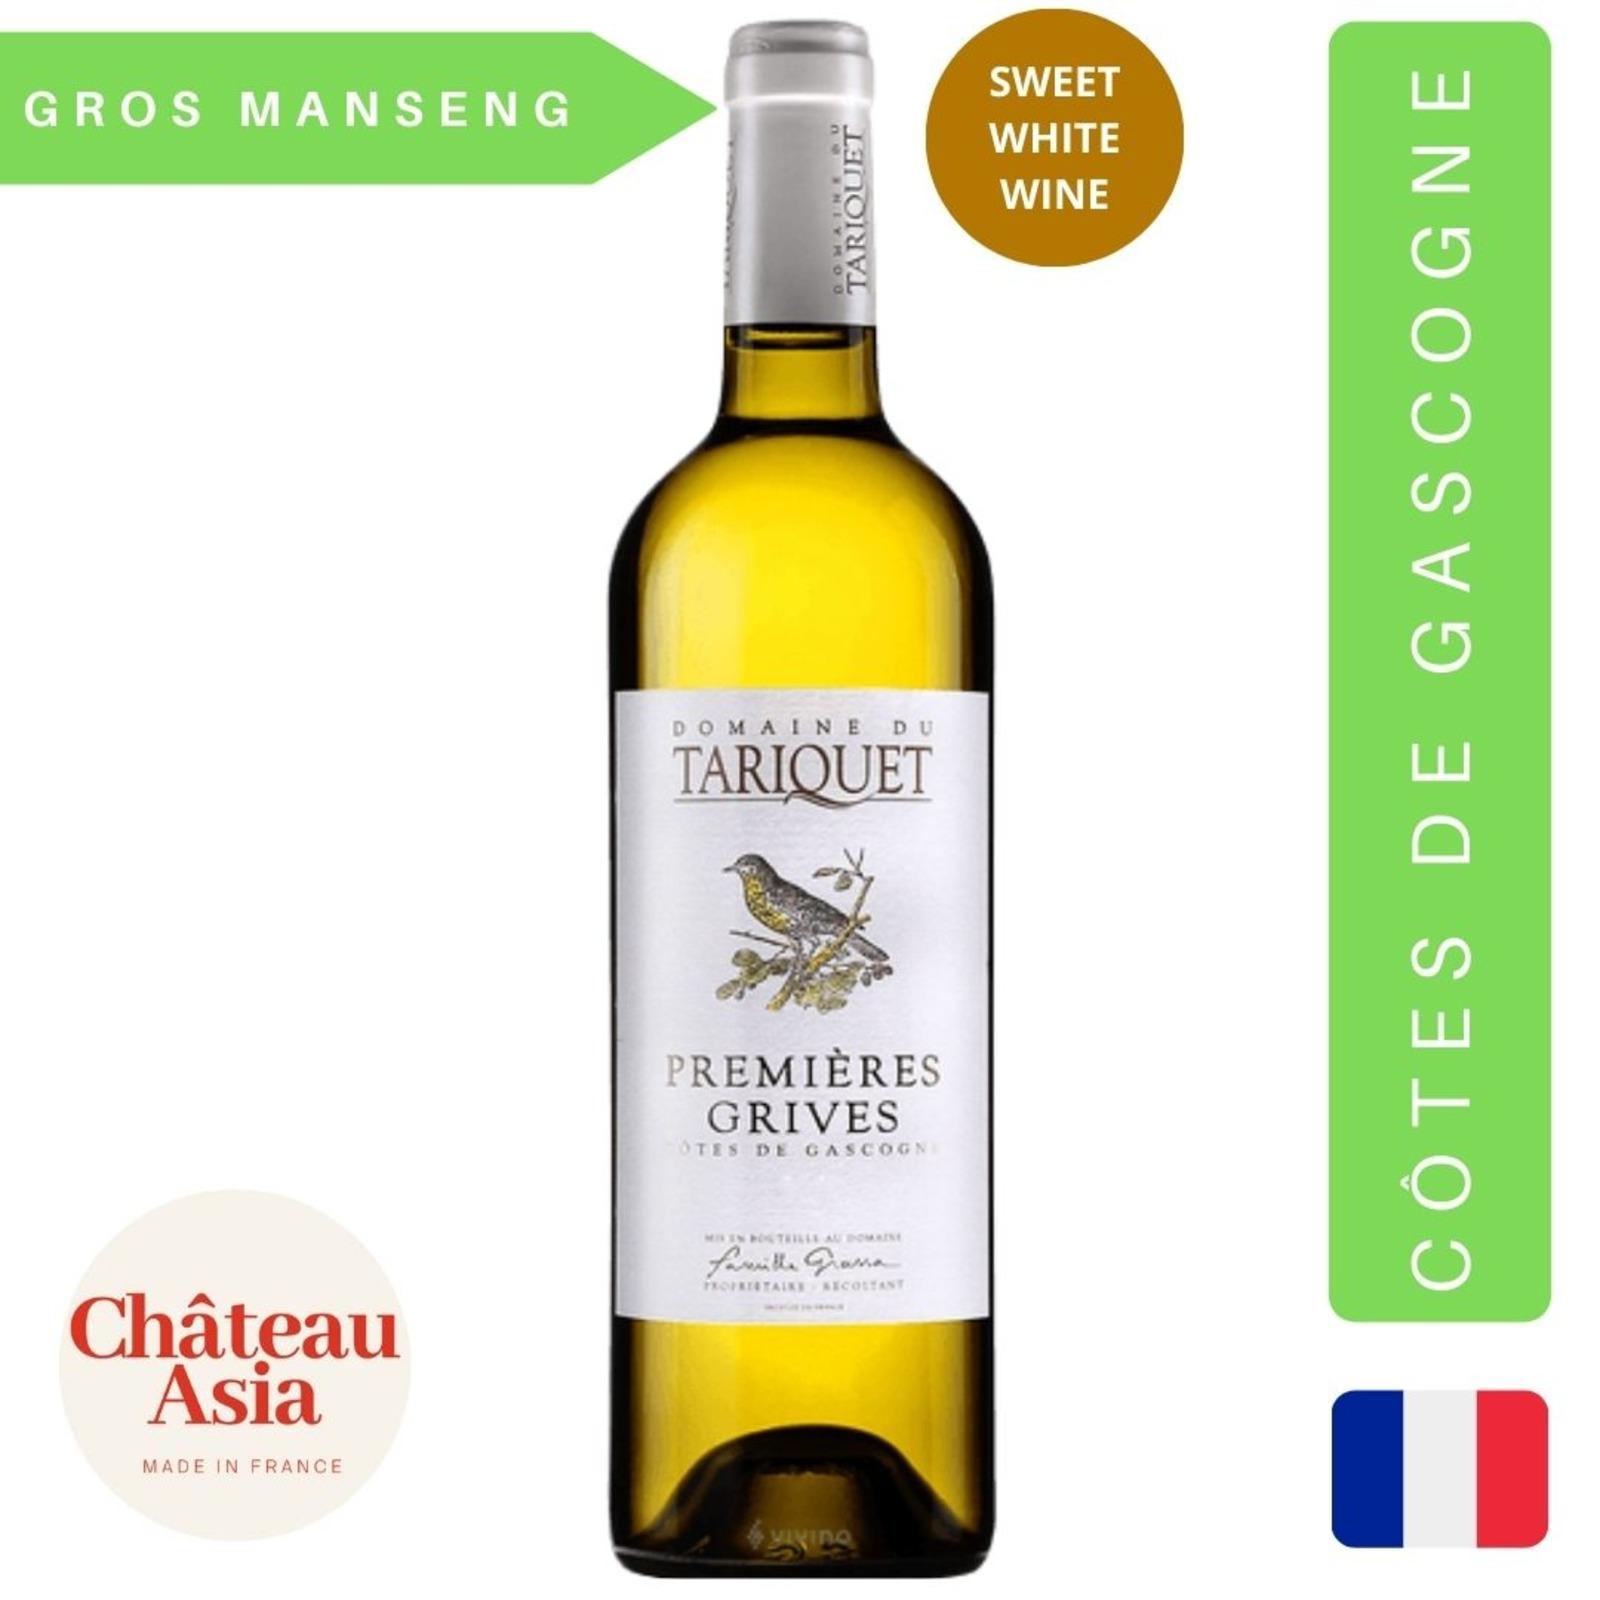 Domaine du Tariquet - Premieres Grives - White Wine